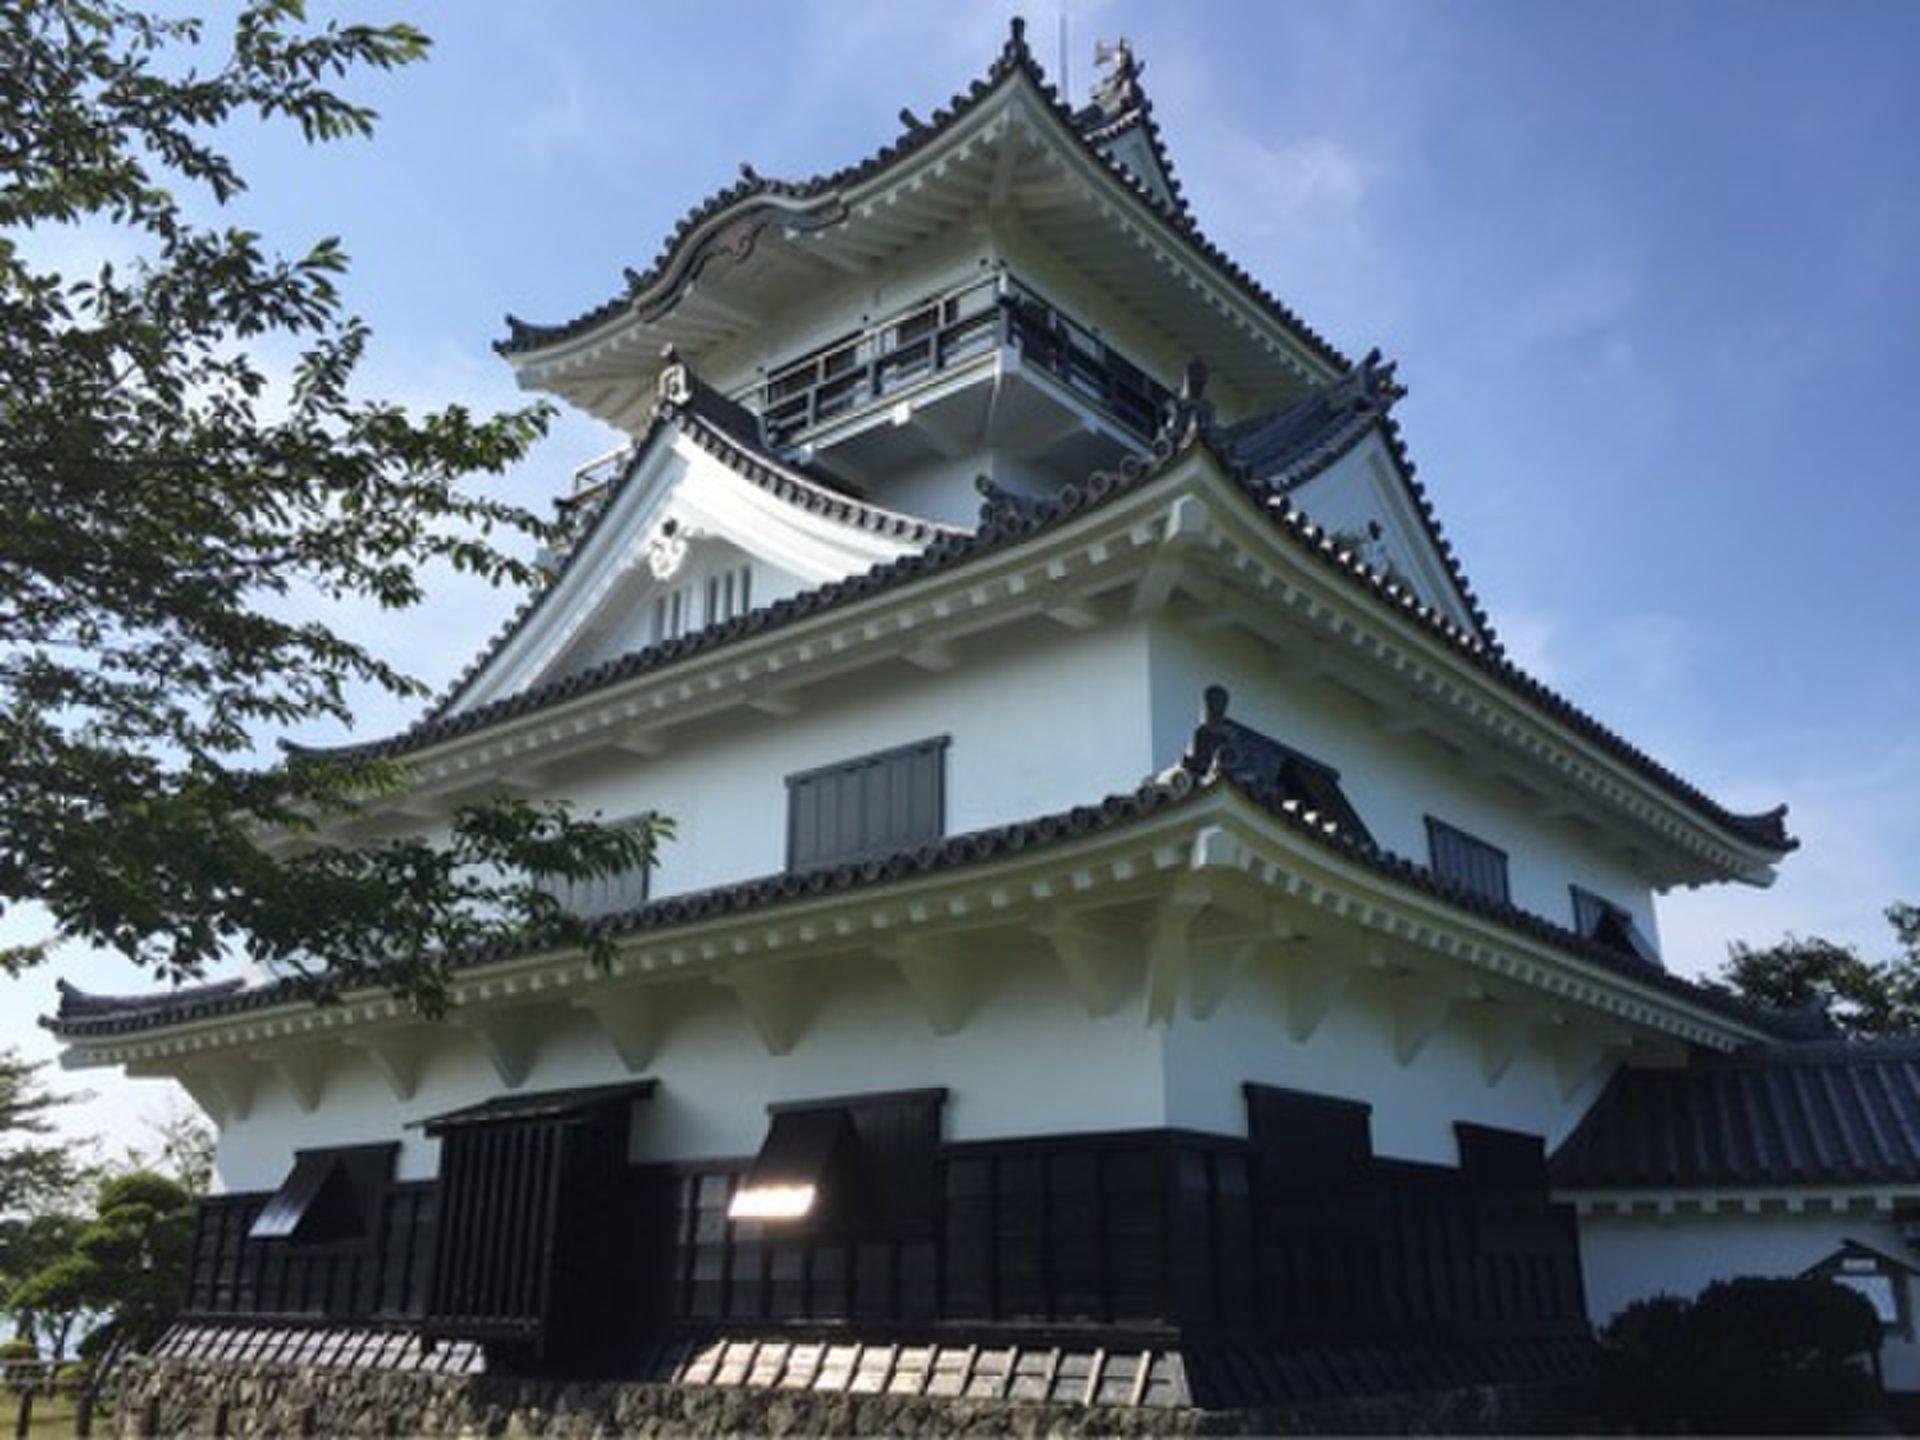 館山のおすすめ観光スポット13選!絶景やパワースポット、ご当地グルメも。